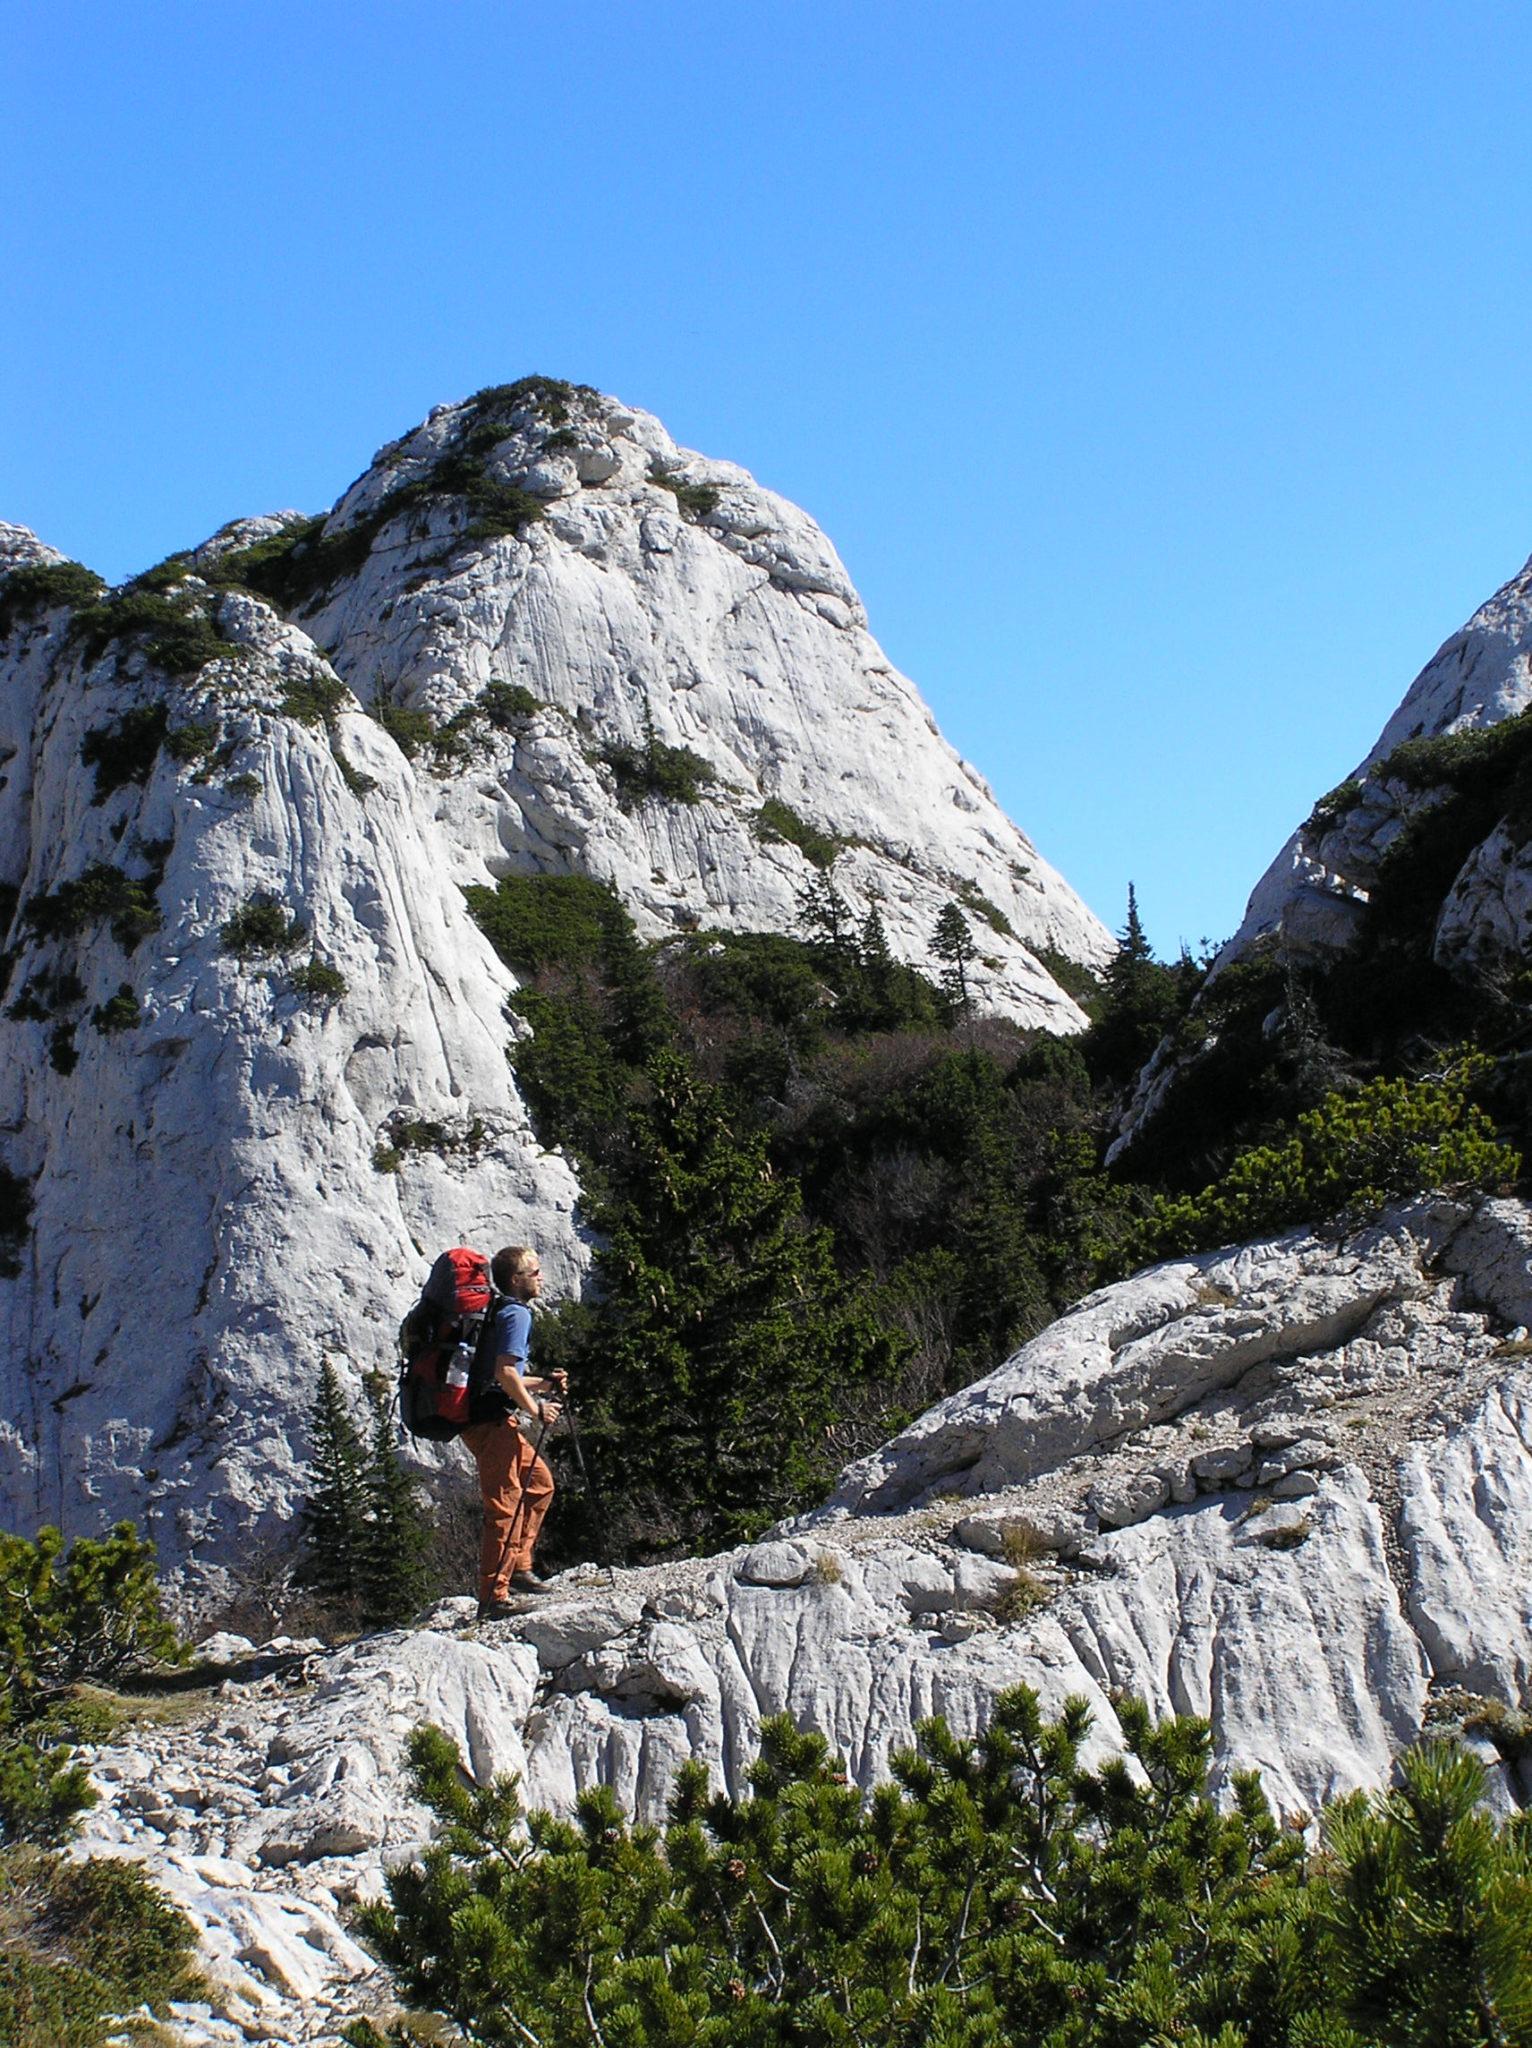 Huck Finn Adventure Travel Discount: 10% off Trekking